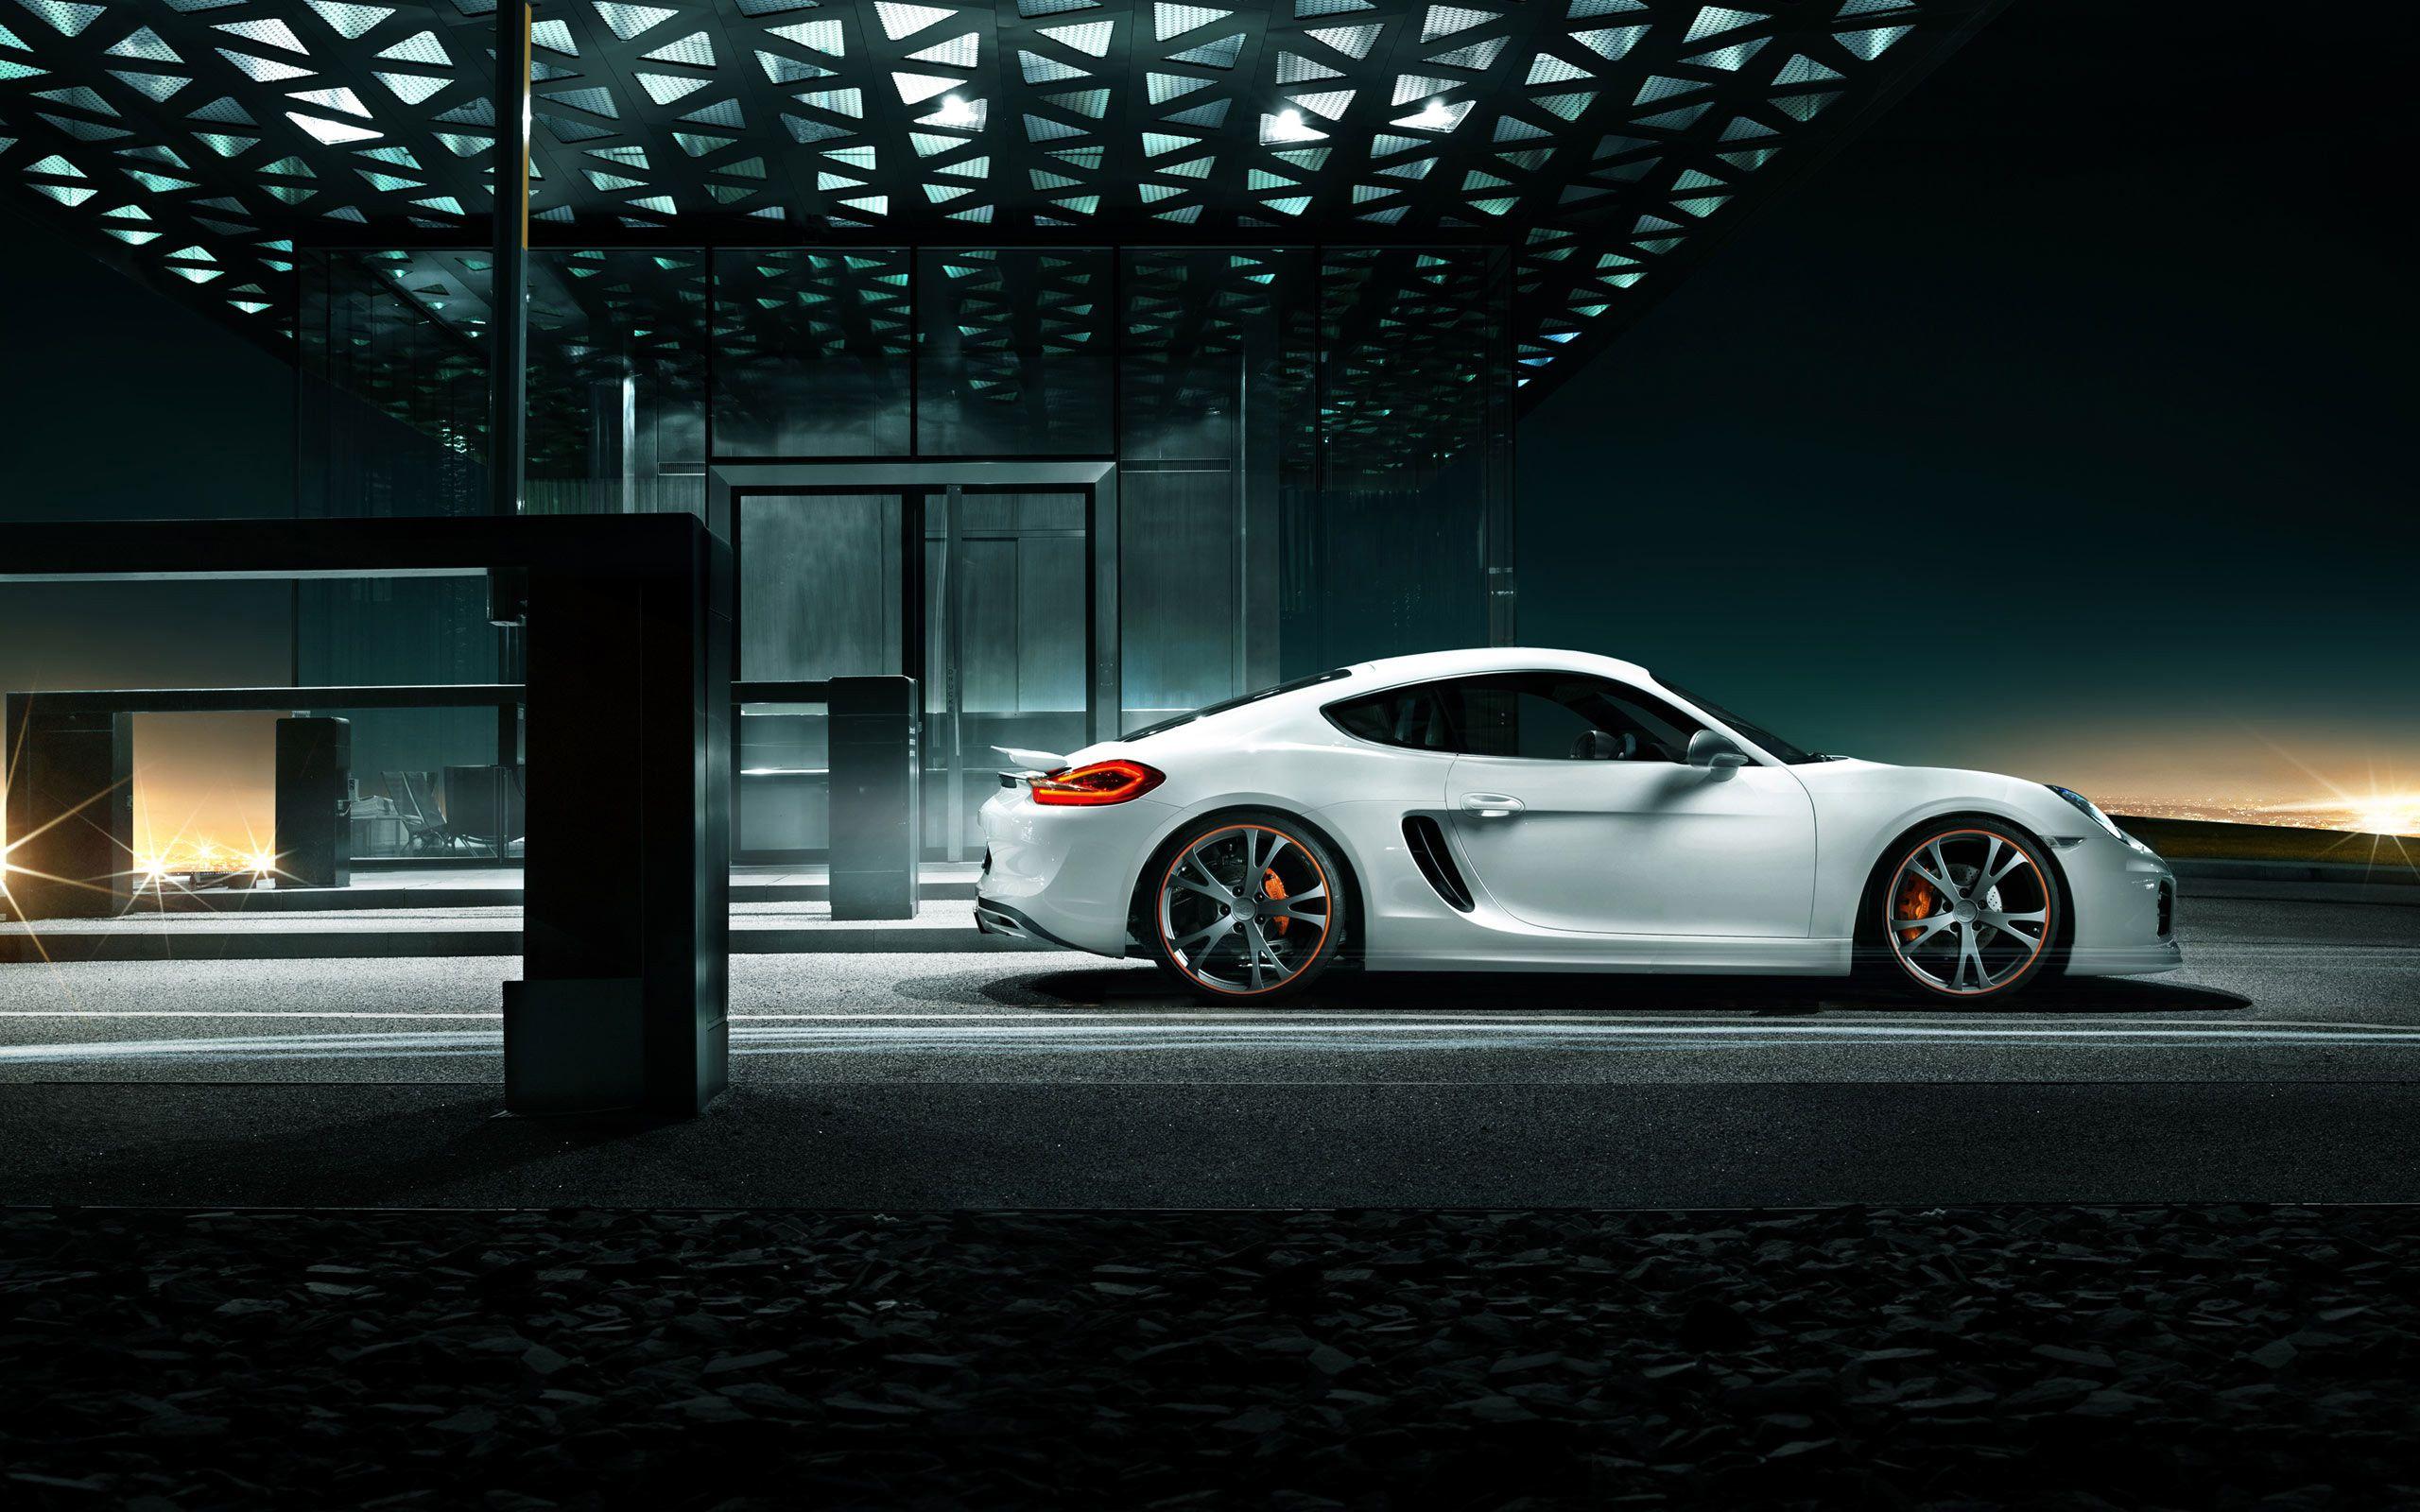 HD Porsche Wallpapers   Top HD Porsche Backgrounds 2560x1600